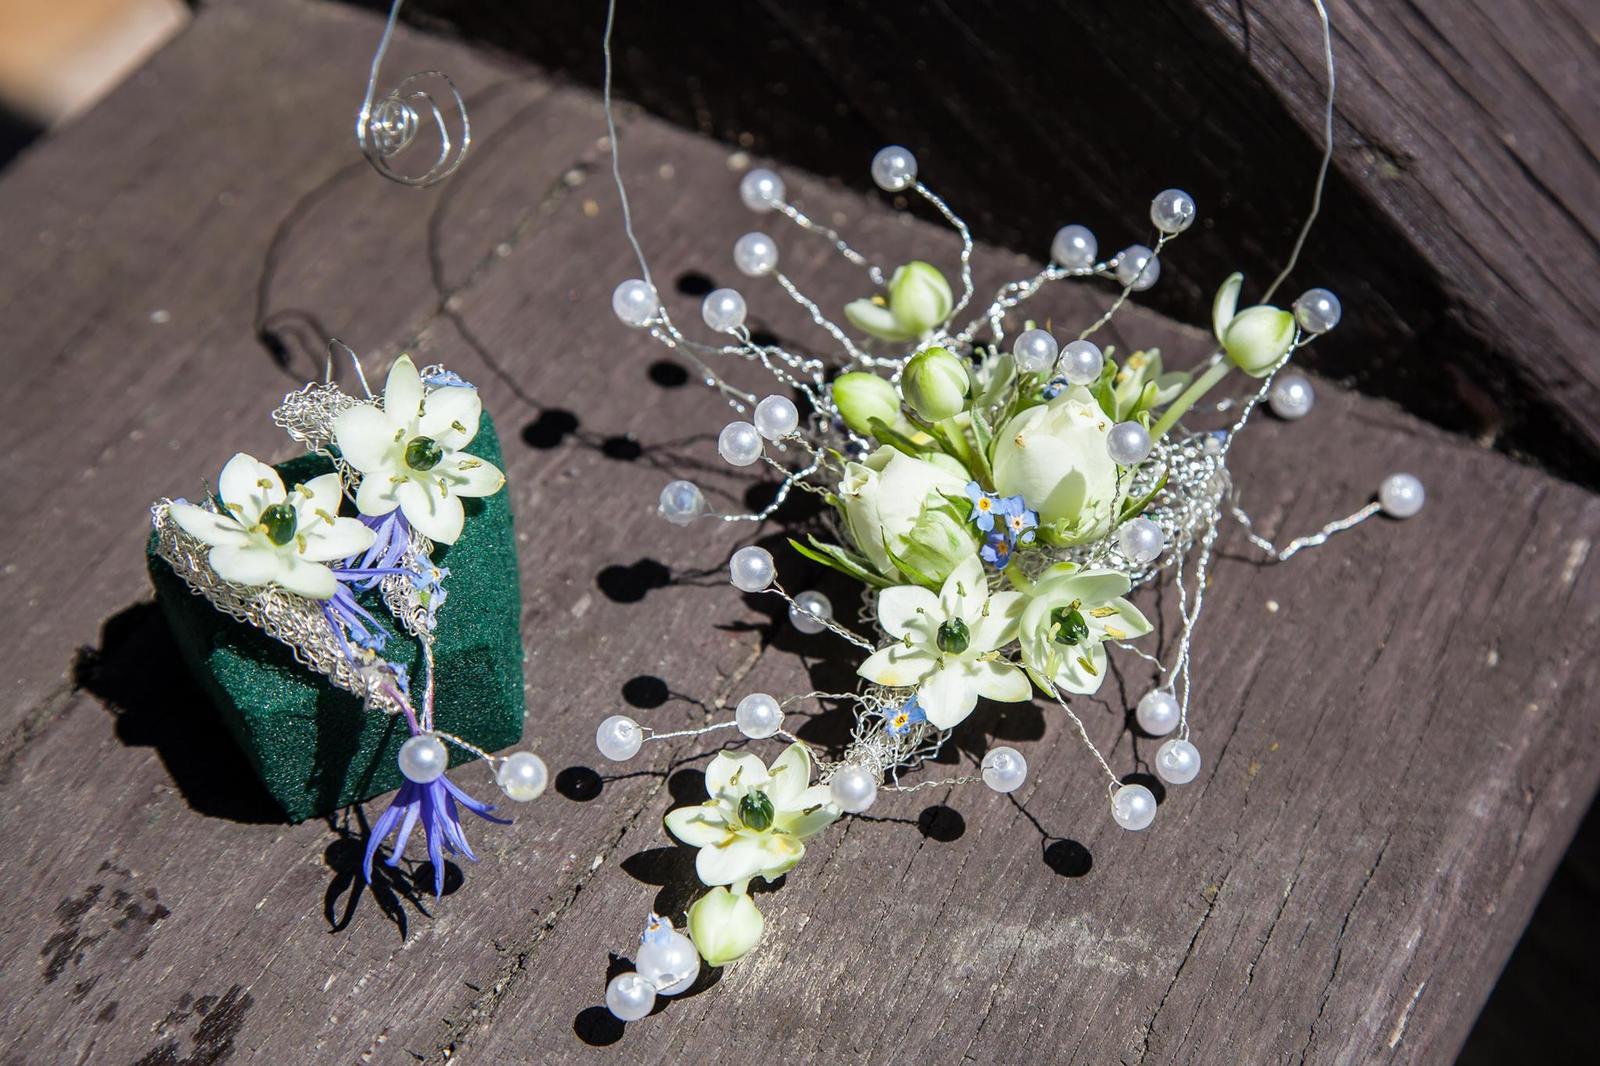 Hajuška{{_AND_}}Roman Lesní svatba - Květinové šperky - byly tak krásné a jiné než jsem zvyklá a tak krásně voněly!!